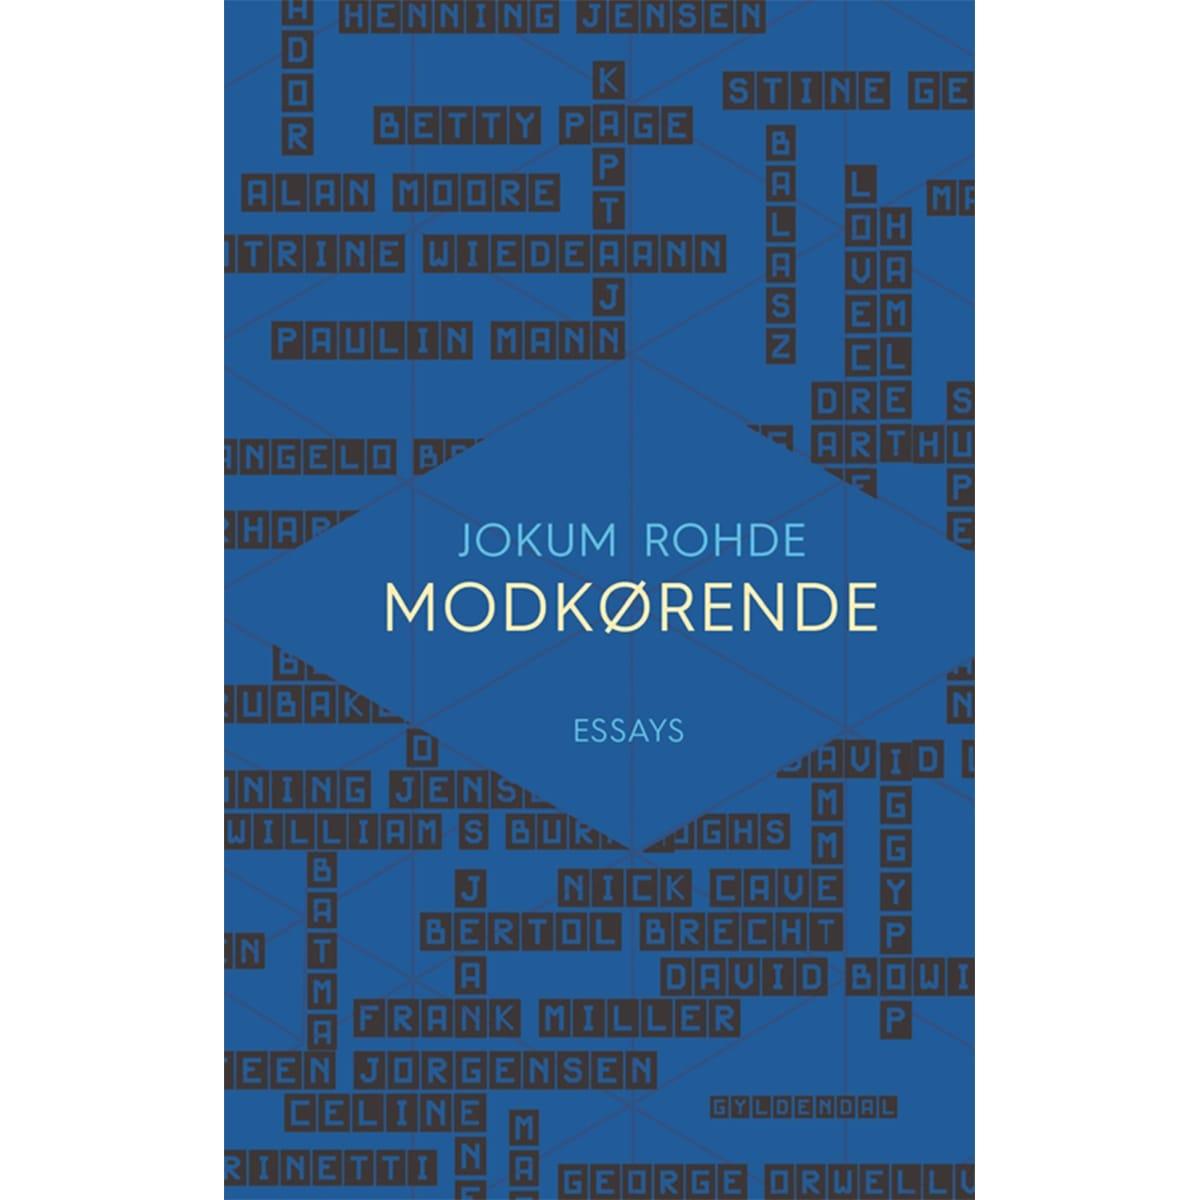 Af Jokum Rohde